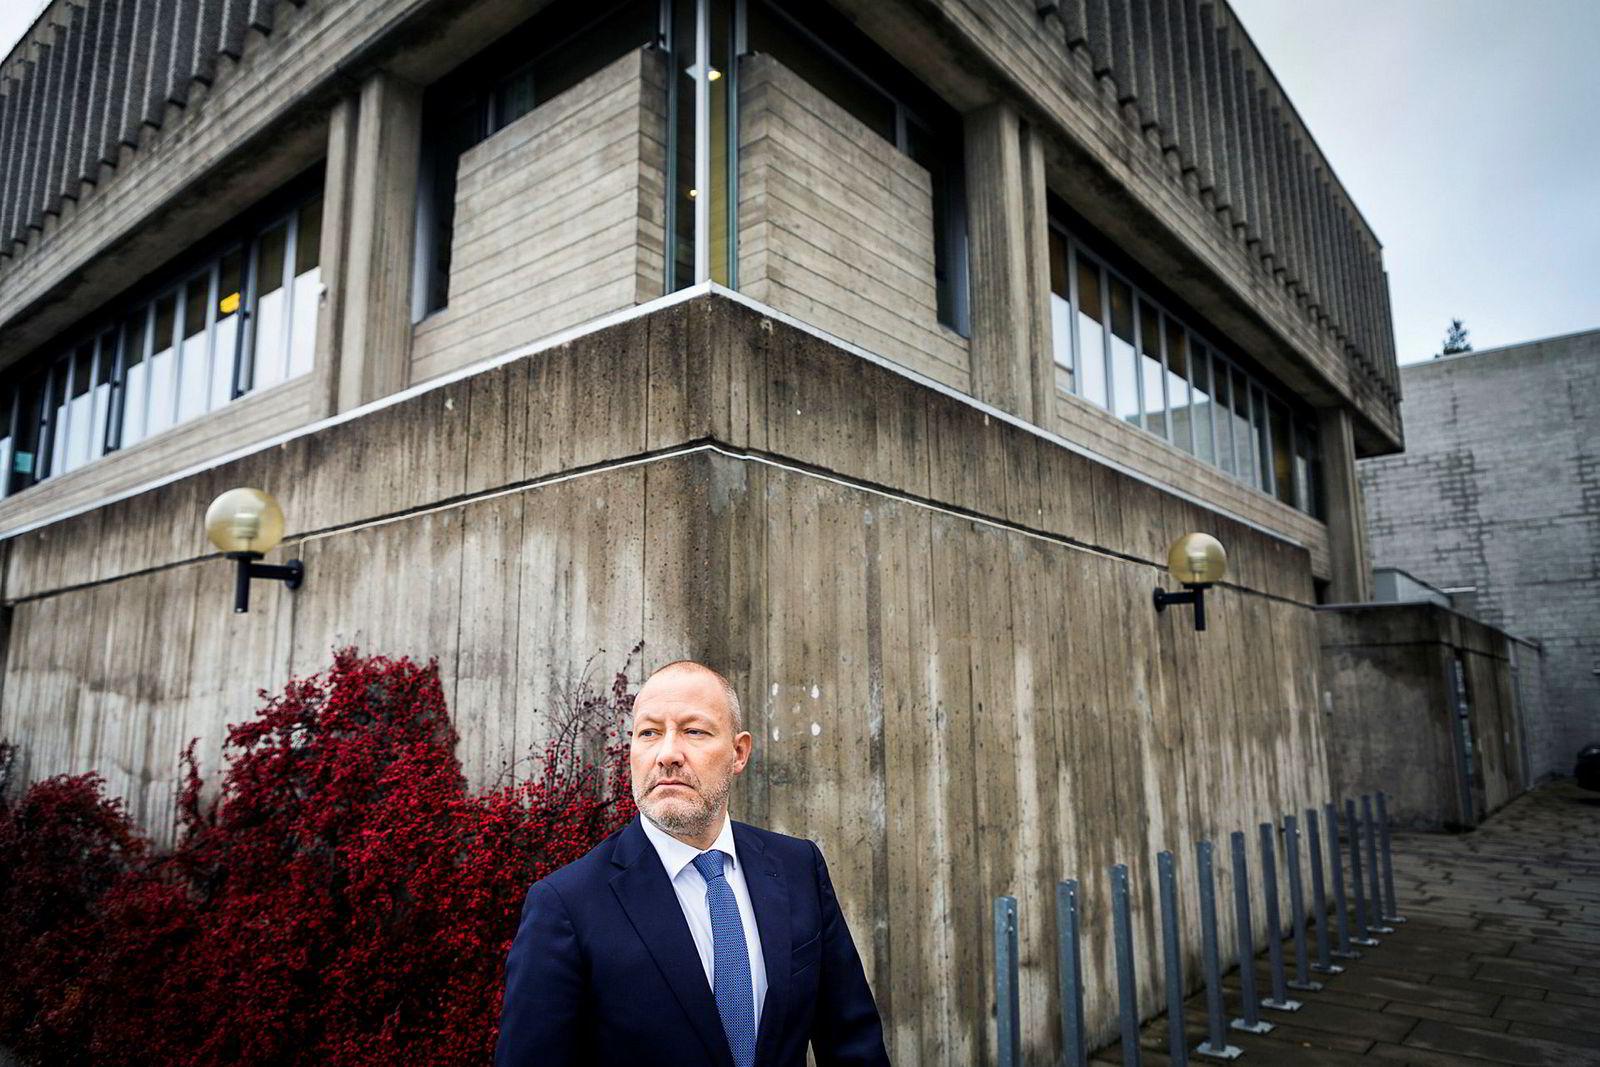 Advokat Andreas S. Christensen skulle i retten på vegne av konkursboet etter Norwegian Wood-festivalen neste uke. Nå er det usikkert om saken blir noe av.